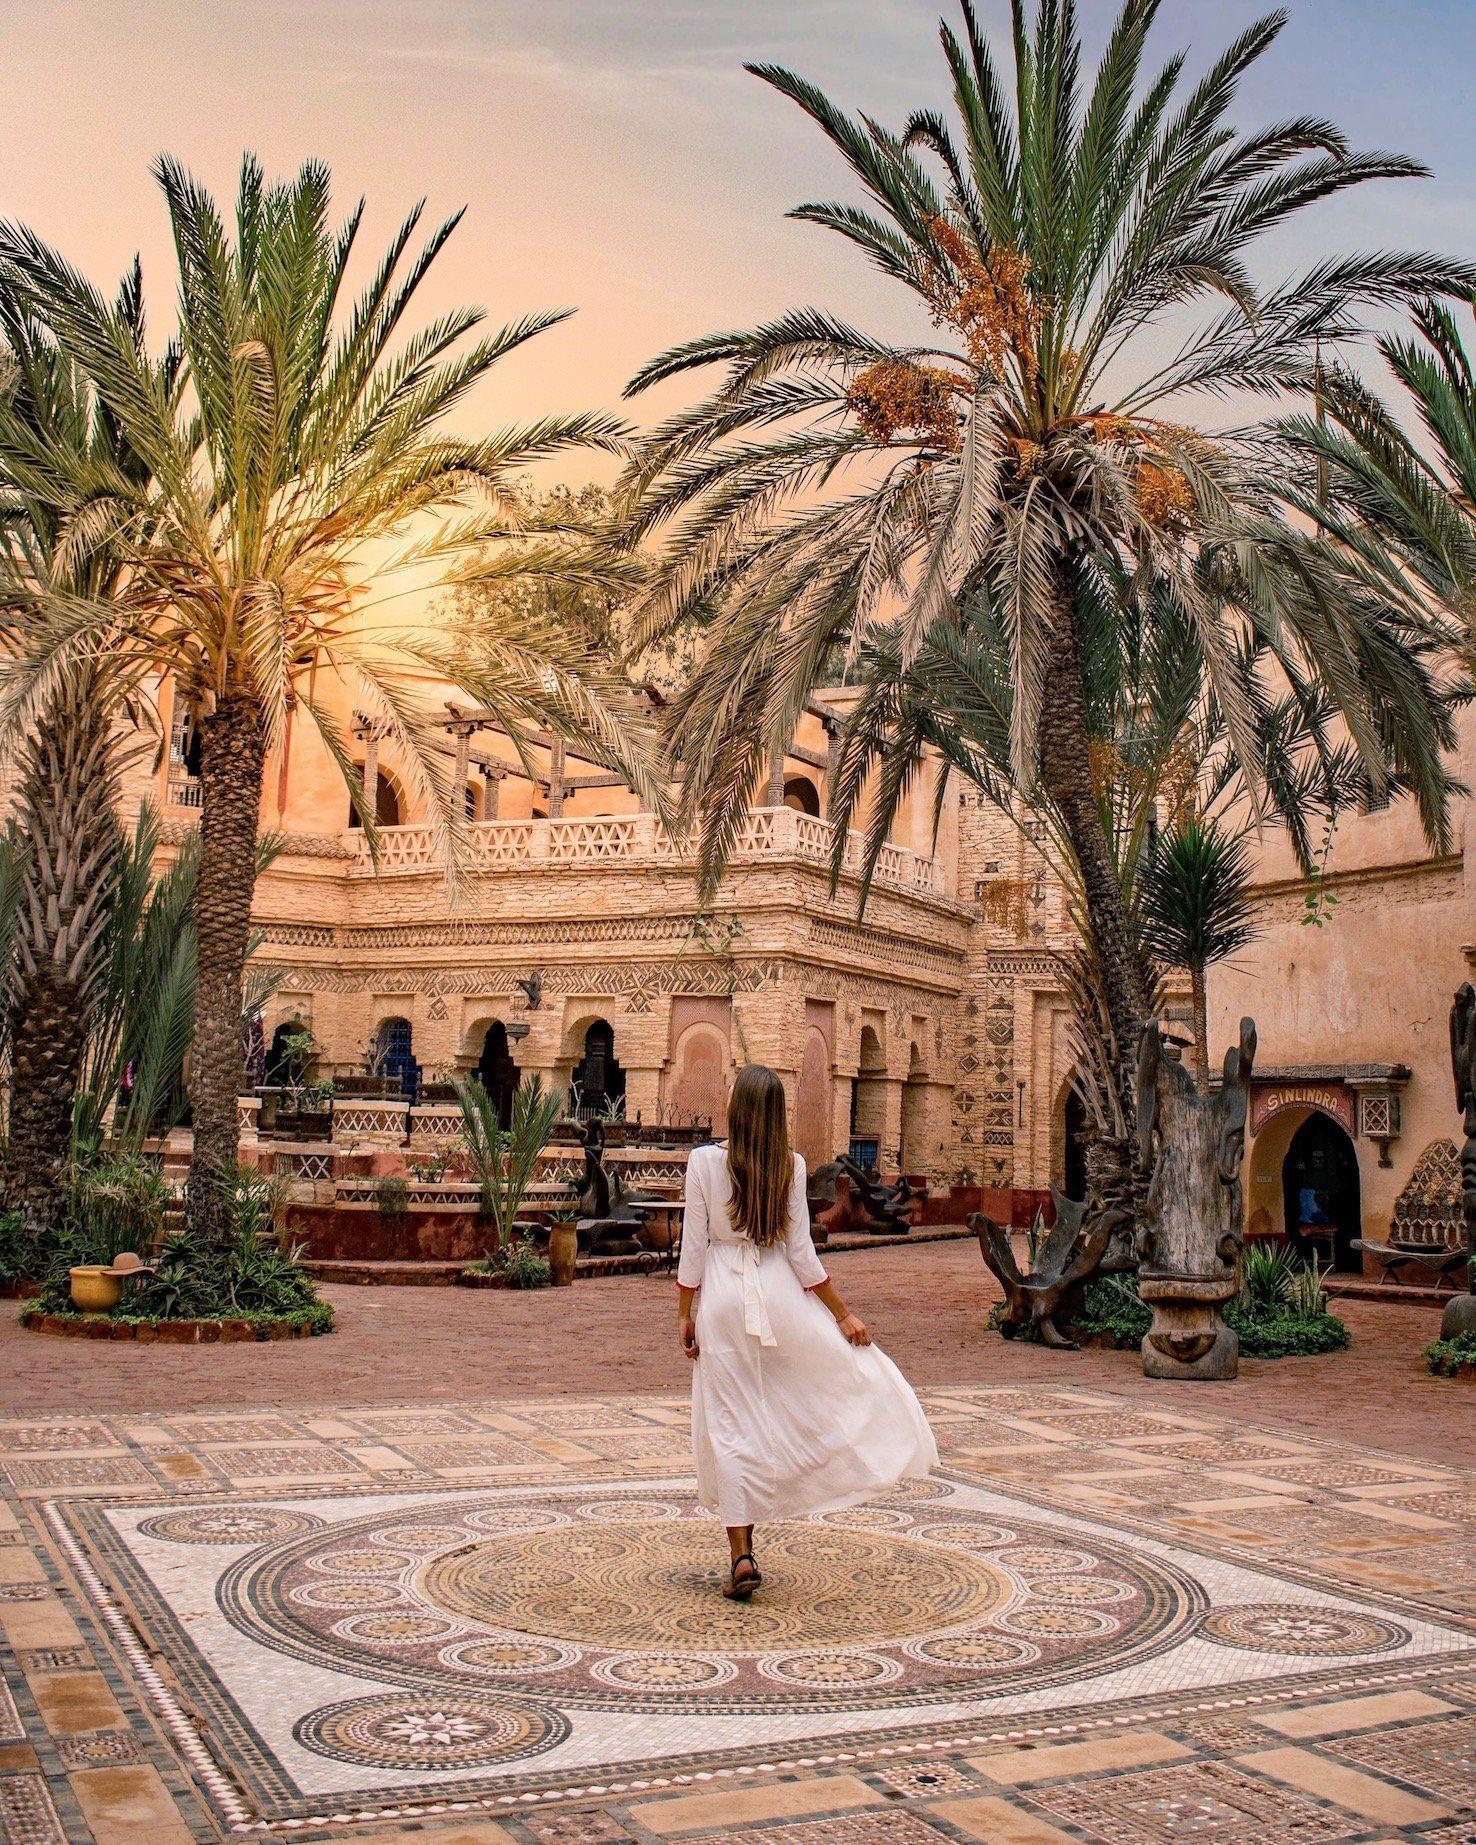 Pin Von Constantin Wuttke Auf Blog In 2020 Reisefotografie Marrakesch Marokko Ausflug